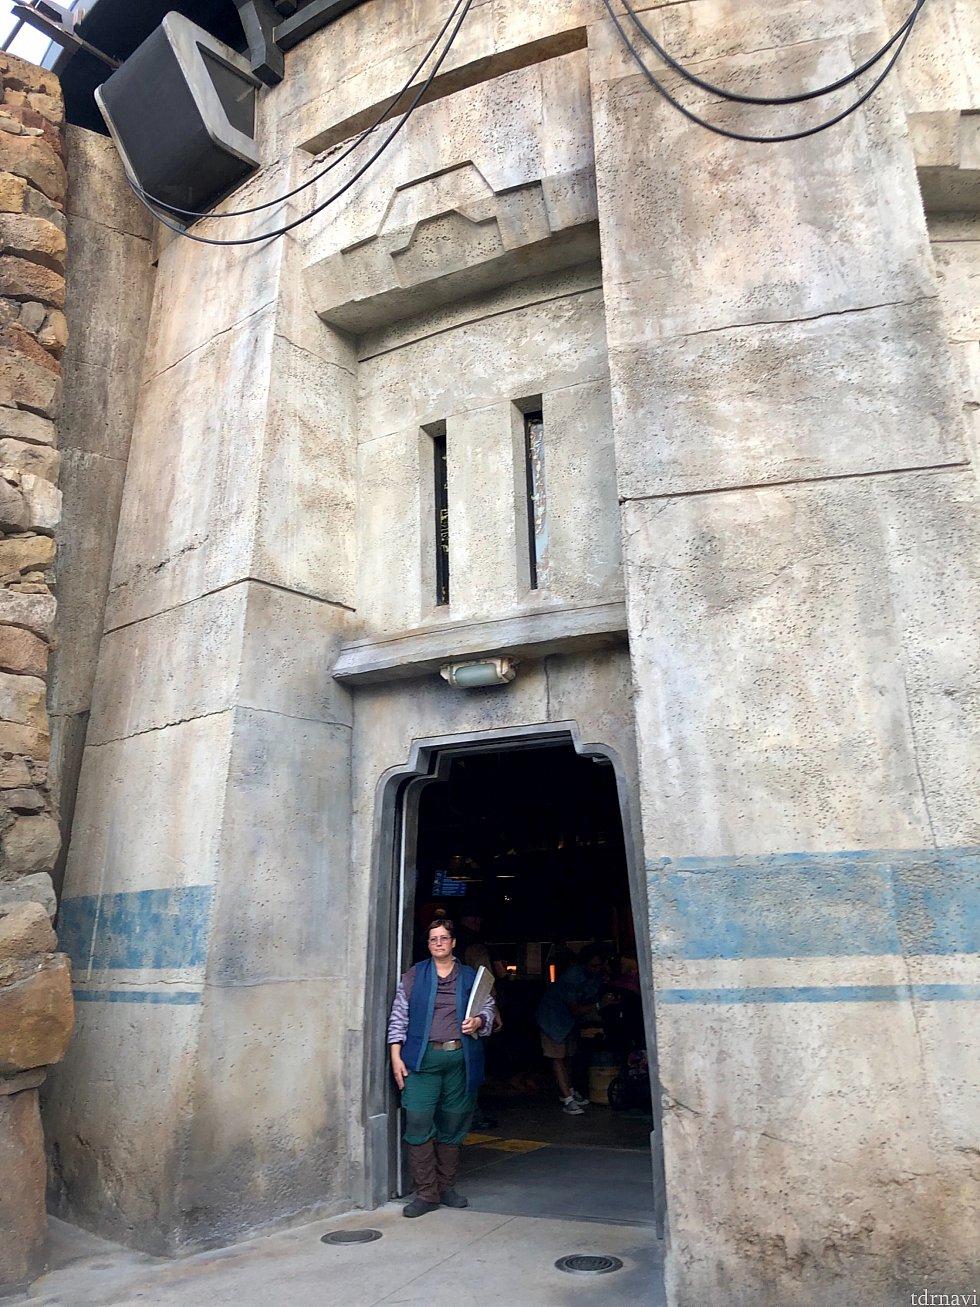 ファルコンのすぐ横にあるレストラン。写真は出口です。入口の方が奥にあるので、ちょっと分かりにくいです。思わず出口から入ってしまいましたが、出口と分かって入口に向かいました。